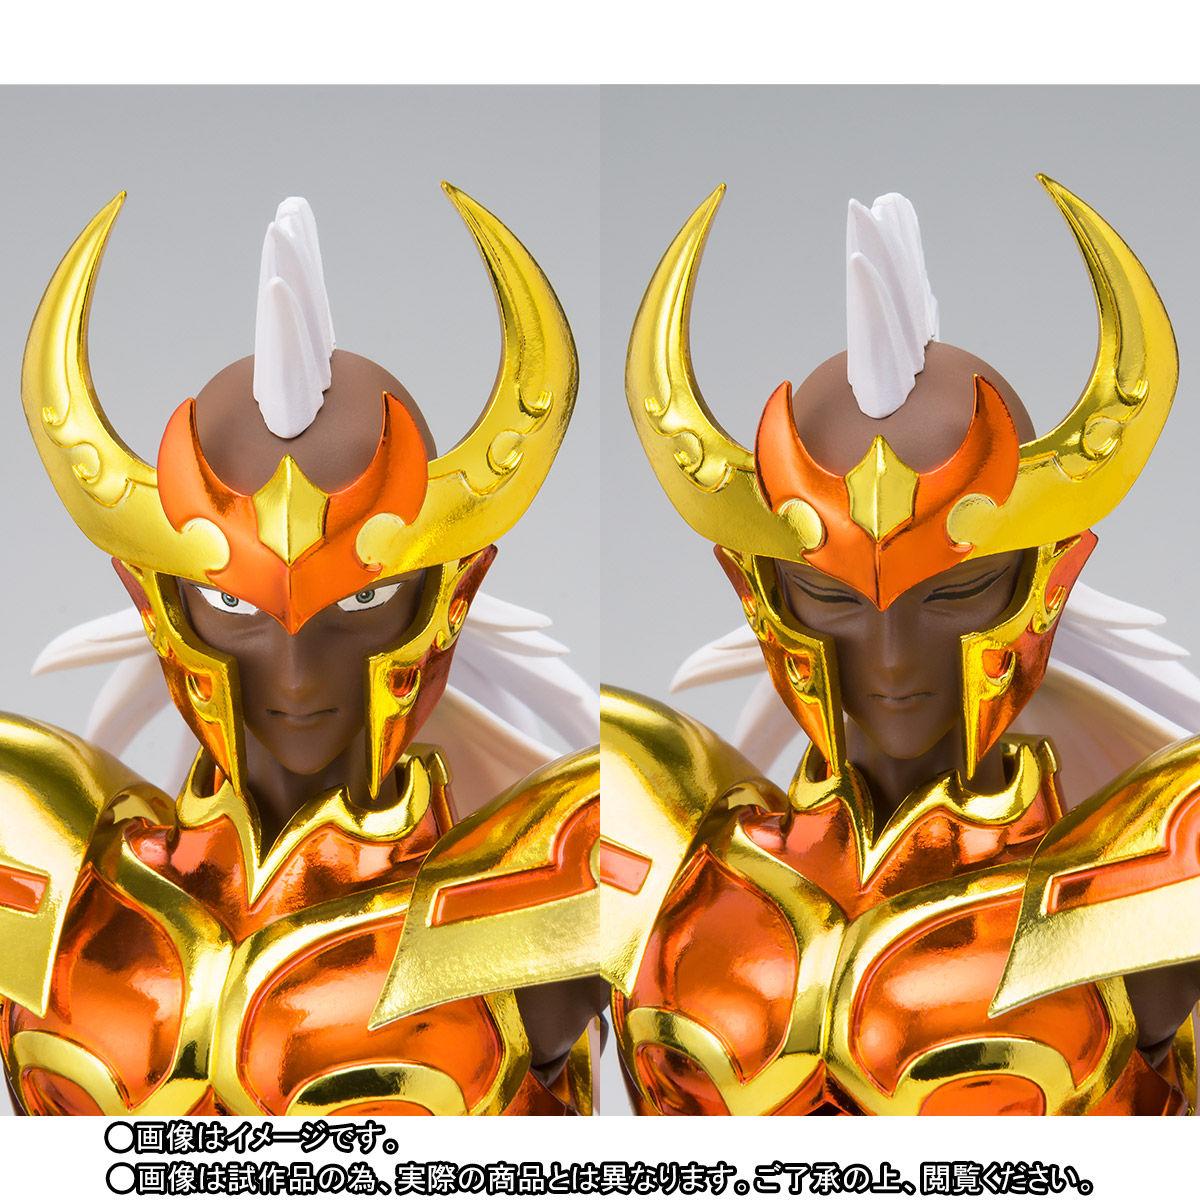 聖闘士聖衣神話EX『クリュサオル クリシュナ』アクションフィギュア-005